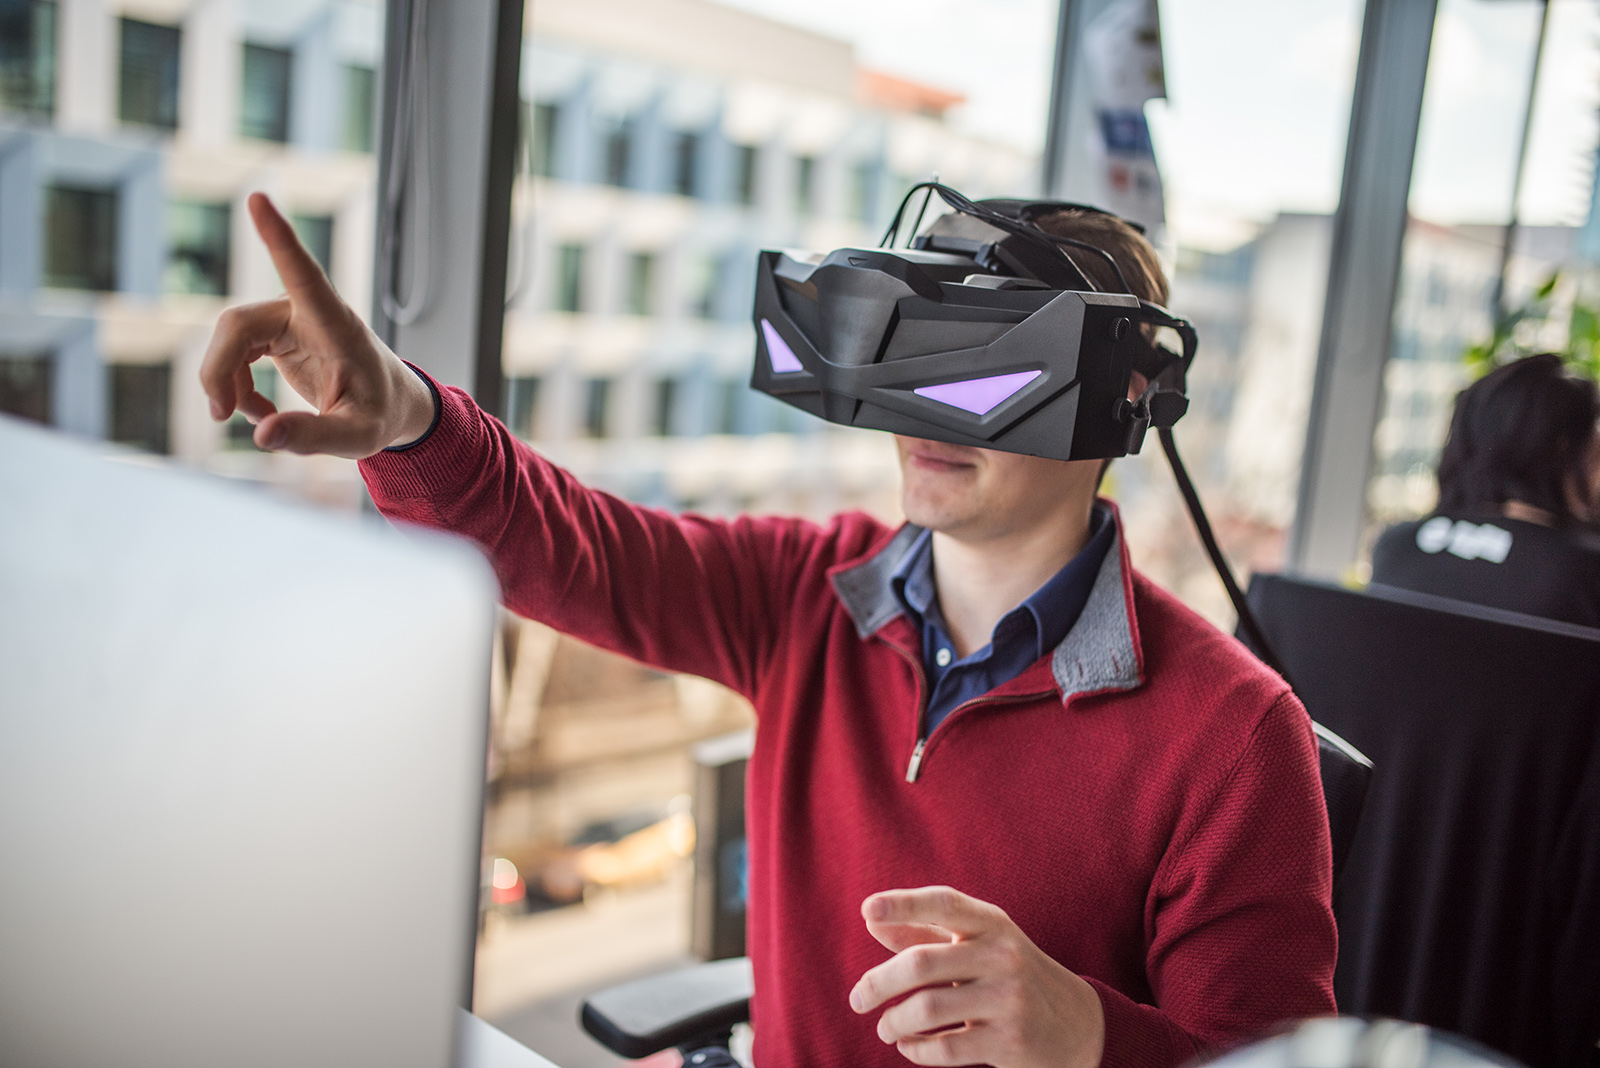 Brýle pro virtuální realitu VRHero 5K Plus, které vyrábí tým VRgineers spadající pod Etneteru